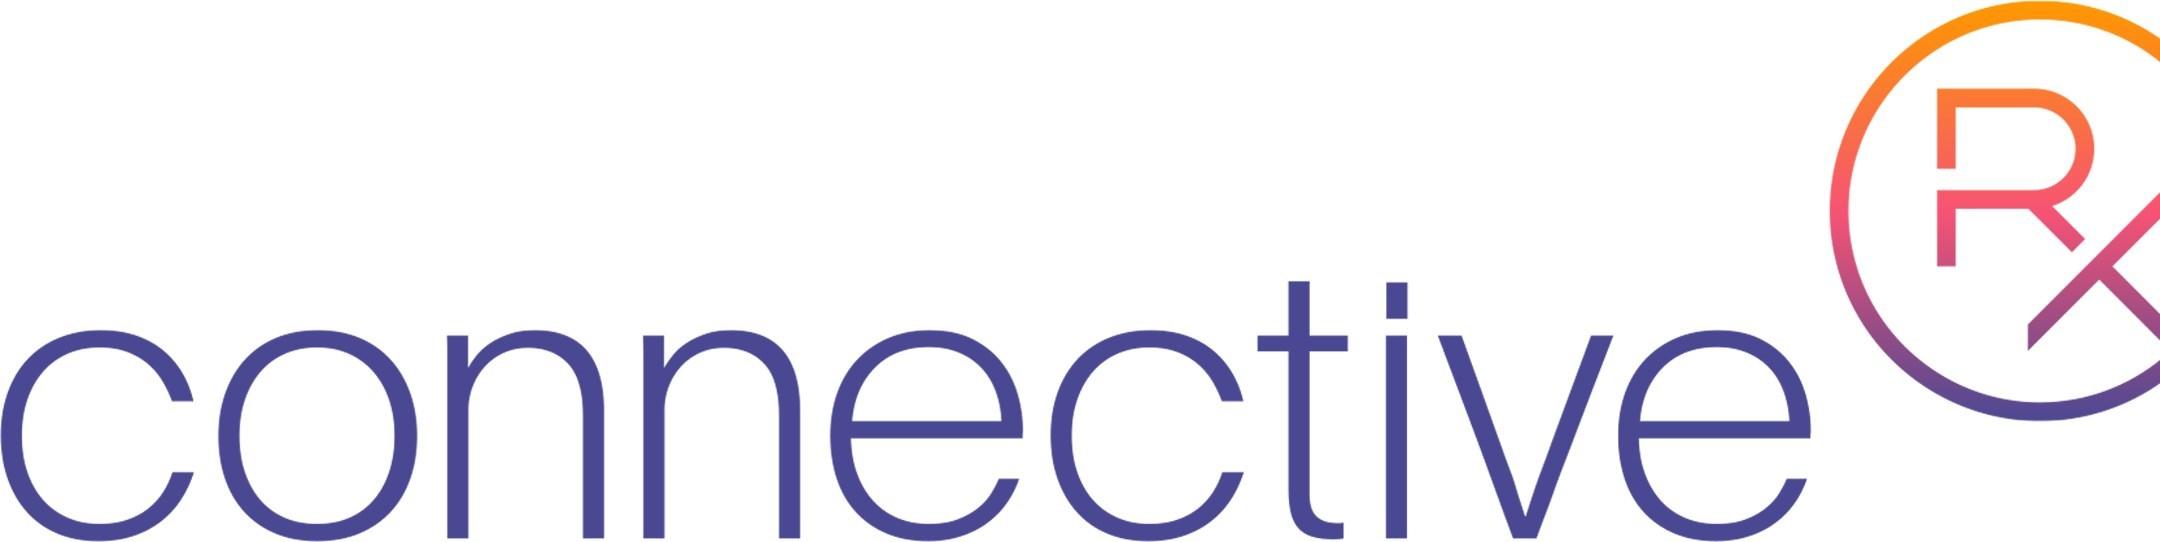 ConnectiveRx logo